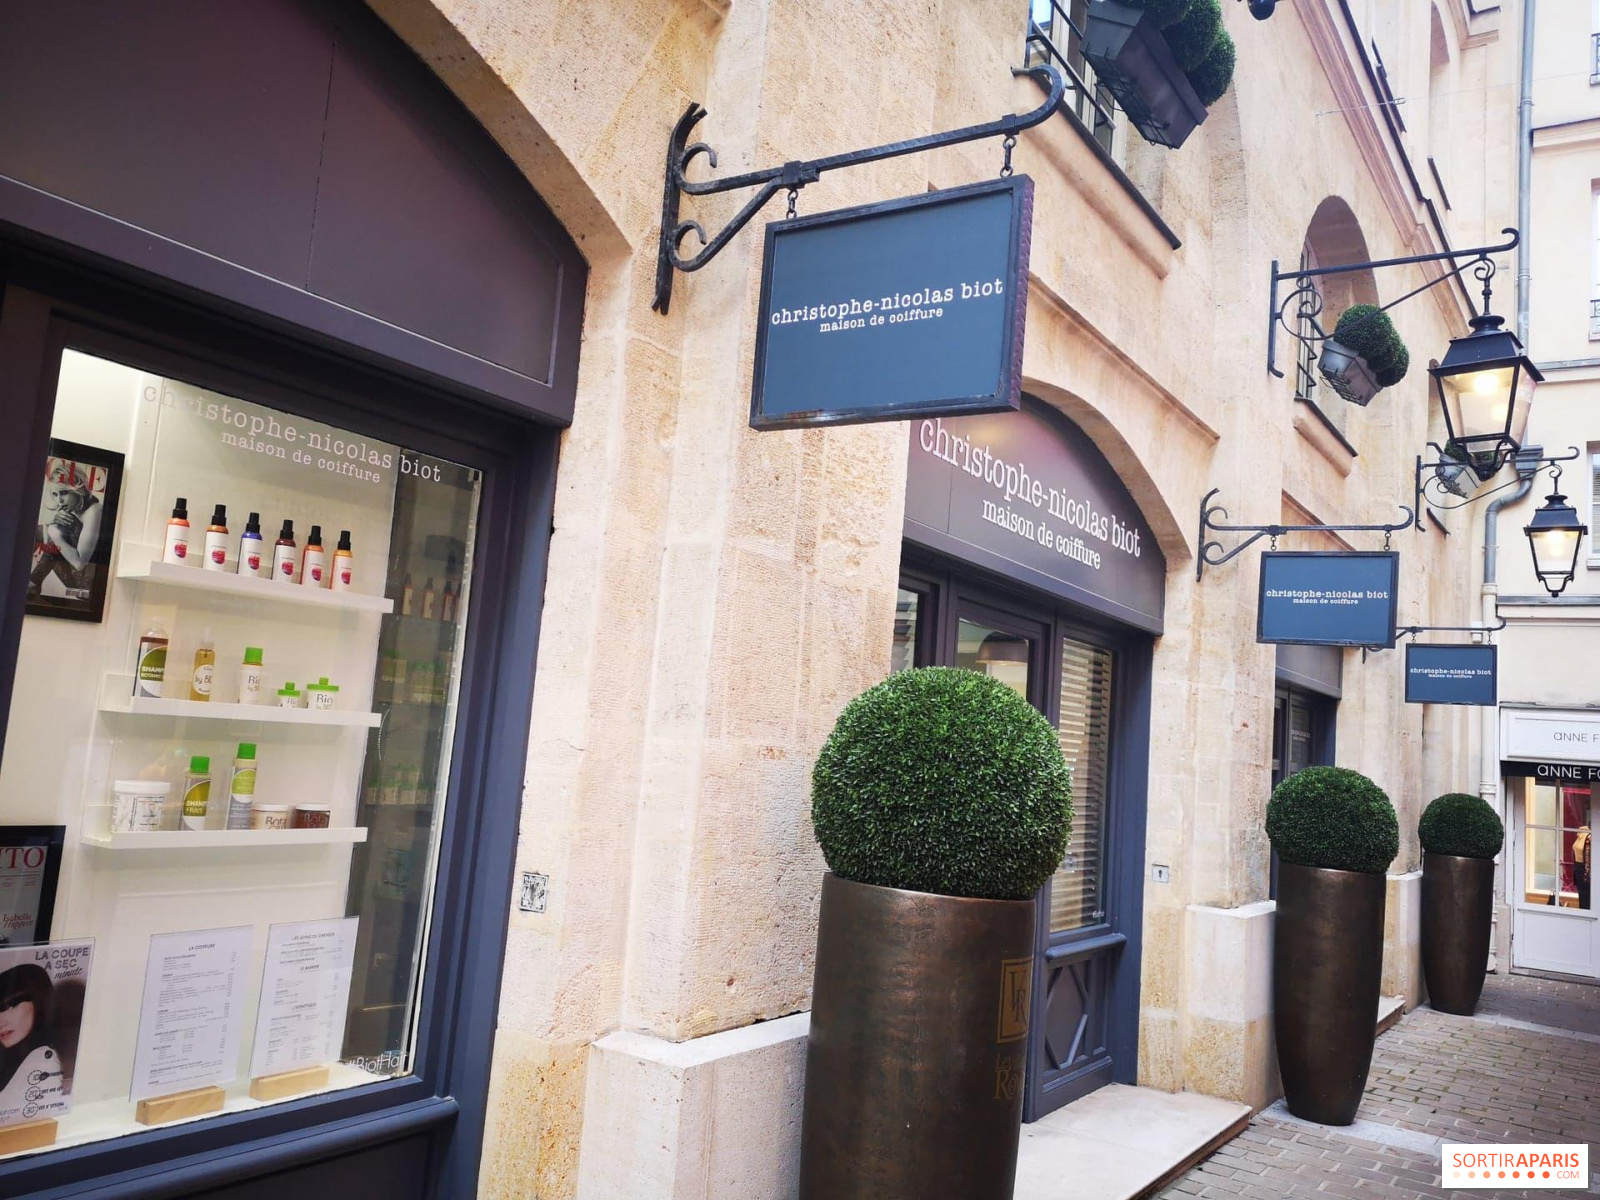 Le Salon Du Meilleur Coiffeur Francais Christophe Nicolas Biot Reprend Du Service Sortiraparis Com